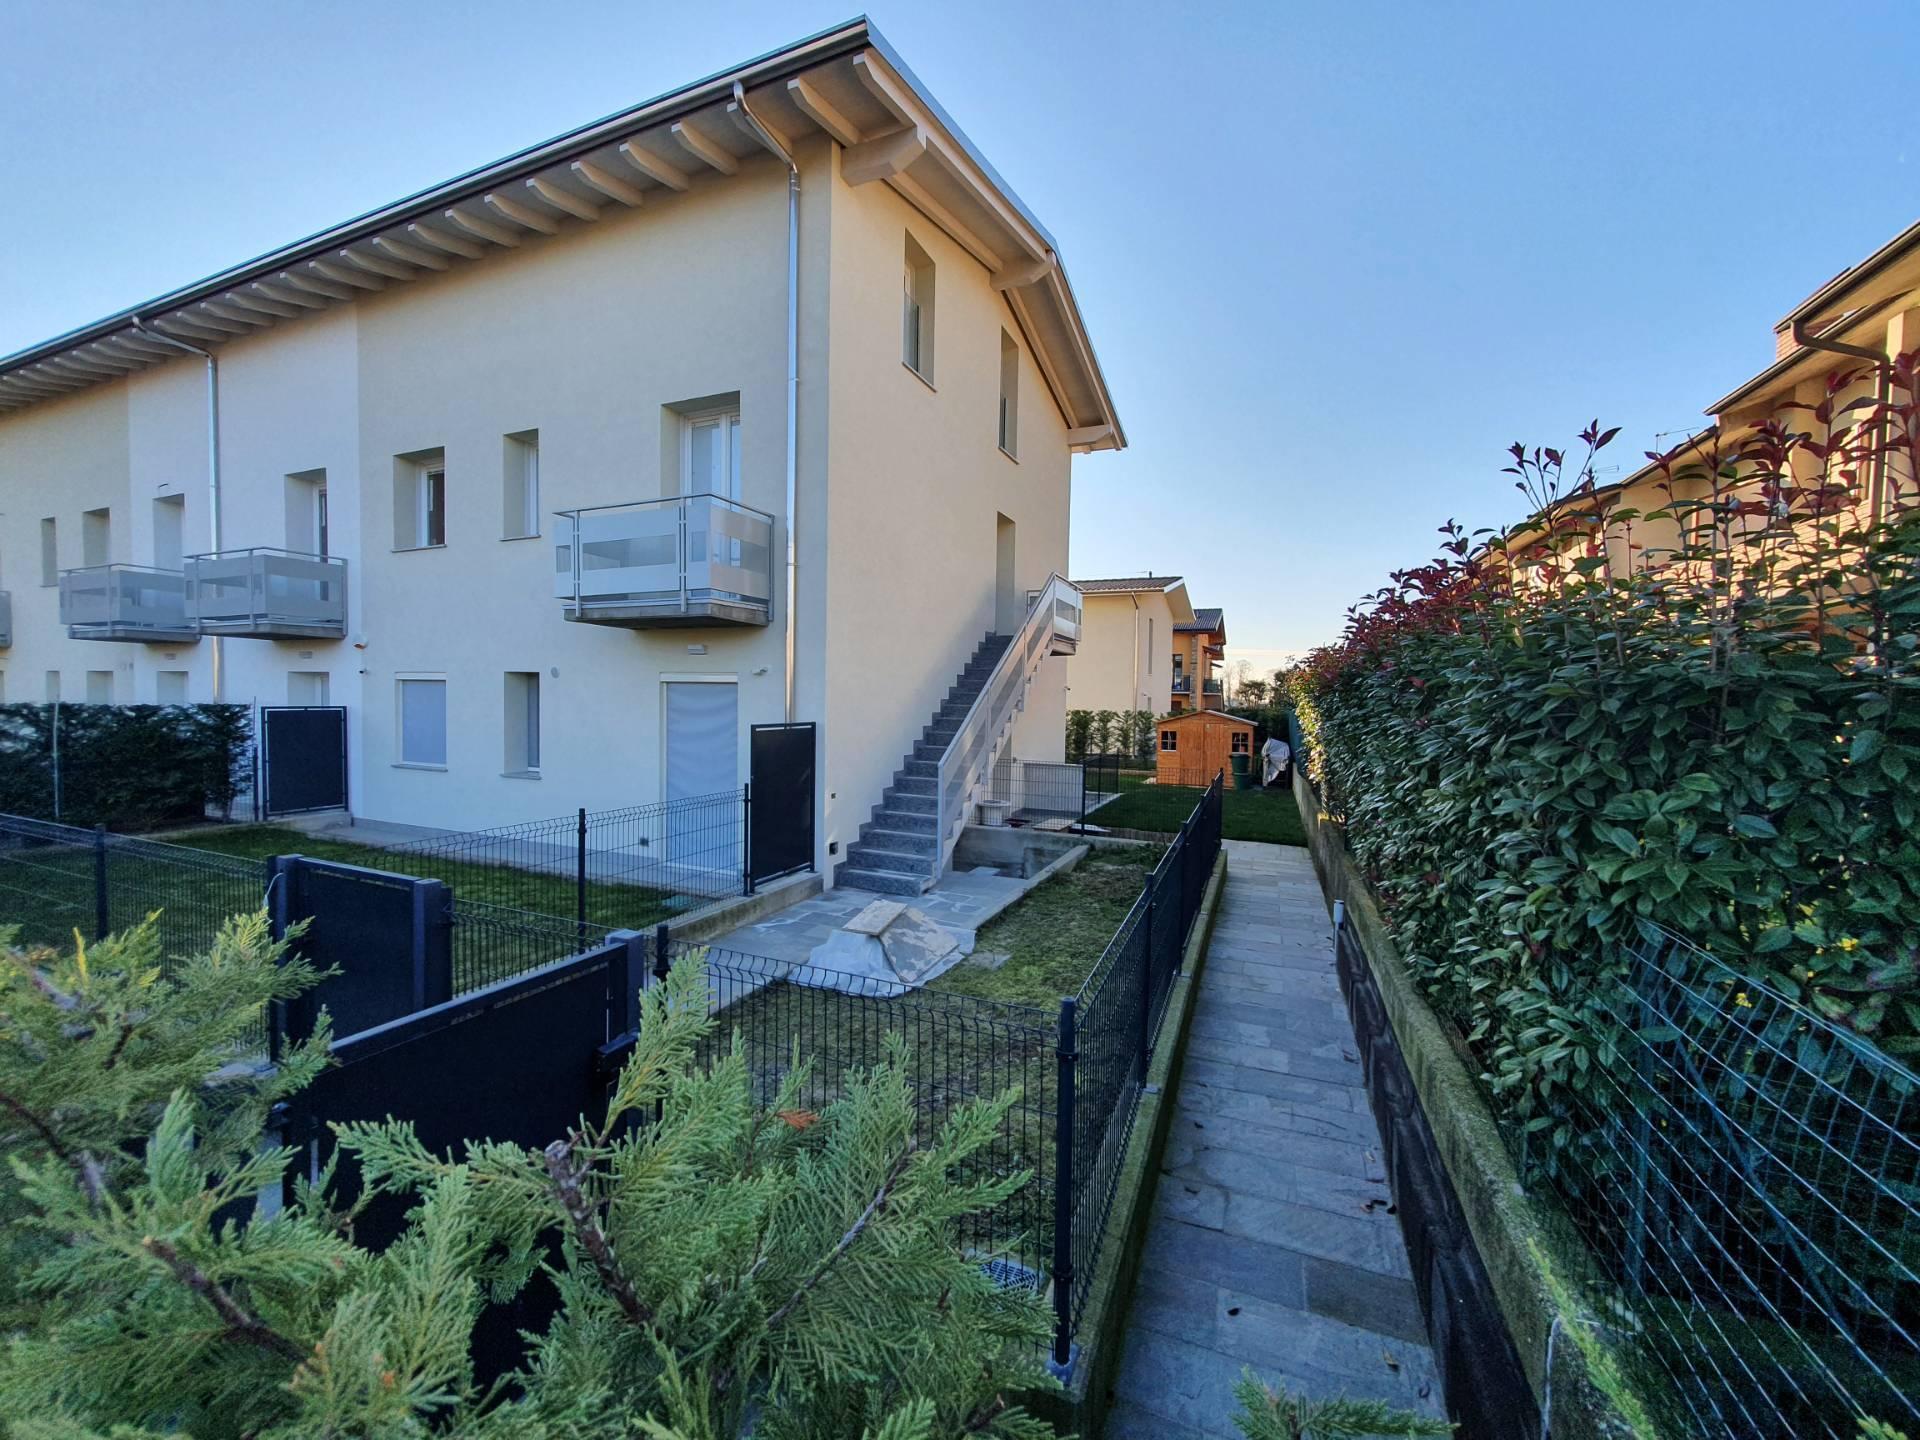 Appartamento in vendita a Seriate, 4 locali, prezzo € 315.000 | PortaleAgenzieImmobiliari.it